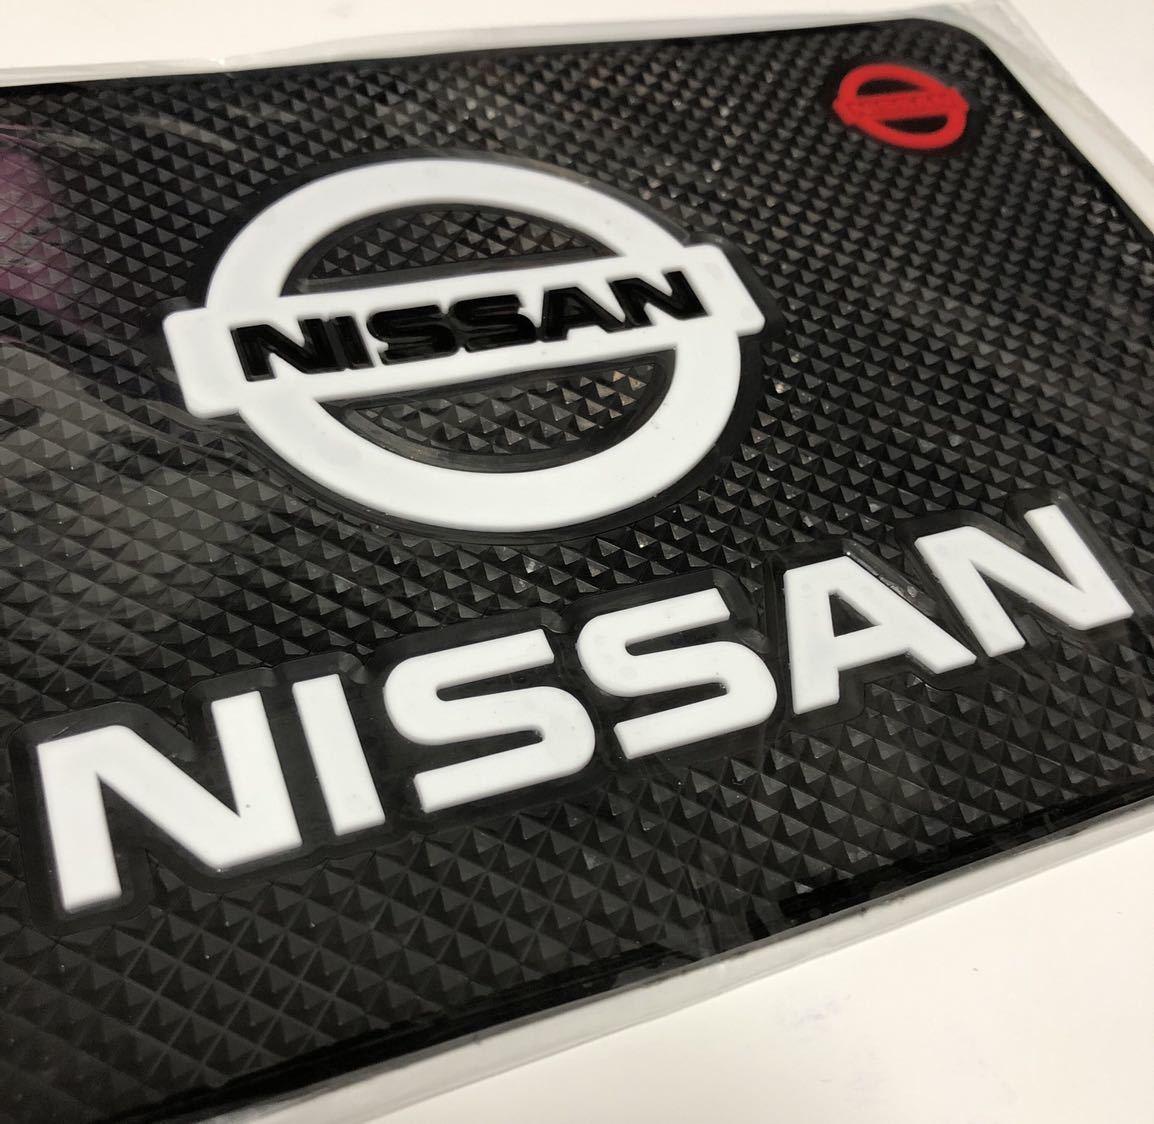 日産 NISSAN 滑り止め ロゴ ダッシュボード 小物 ラバーマット_画像2